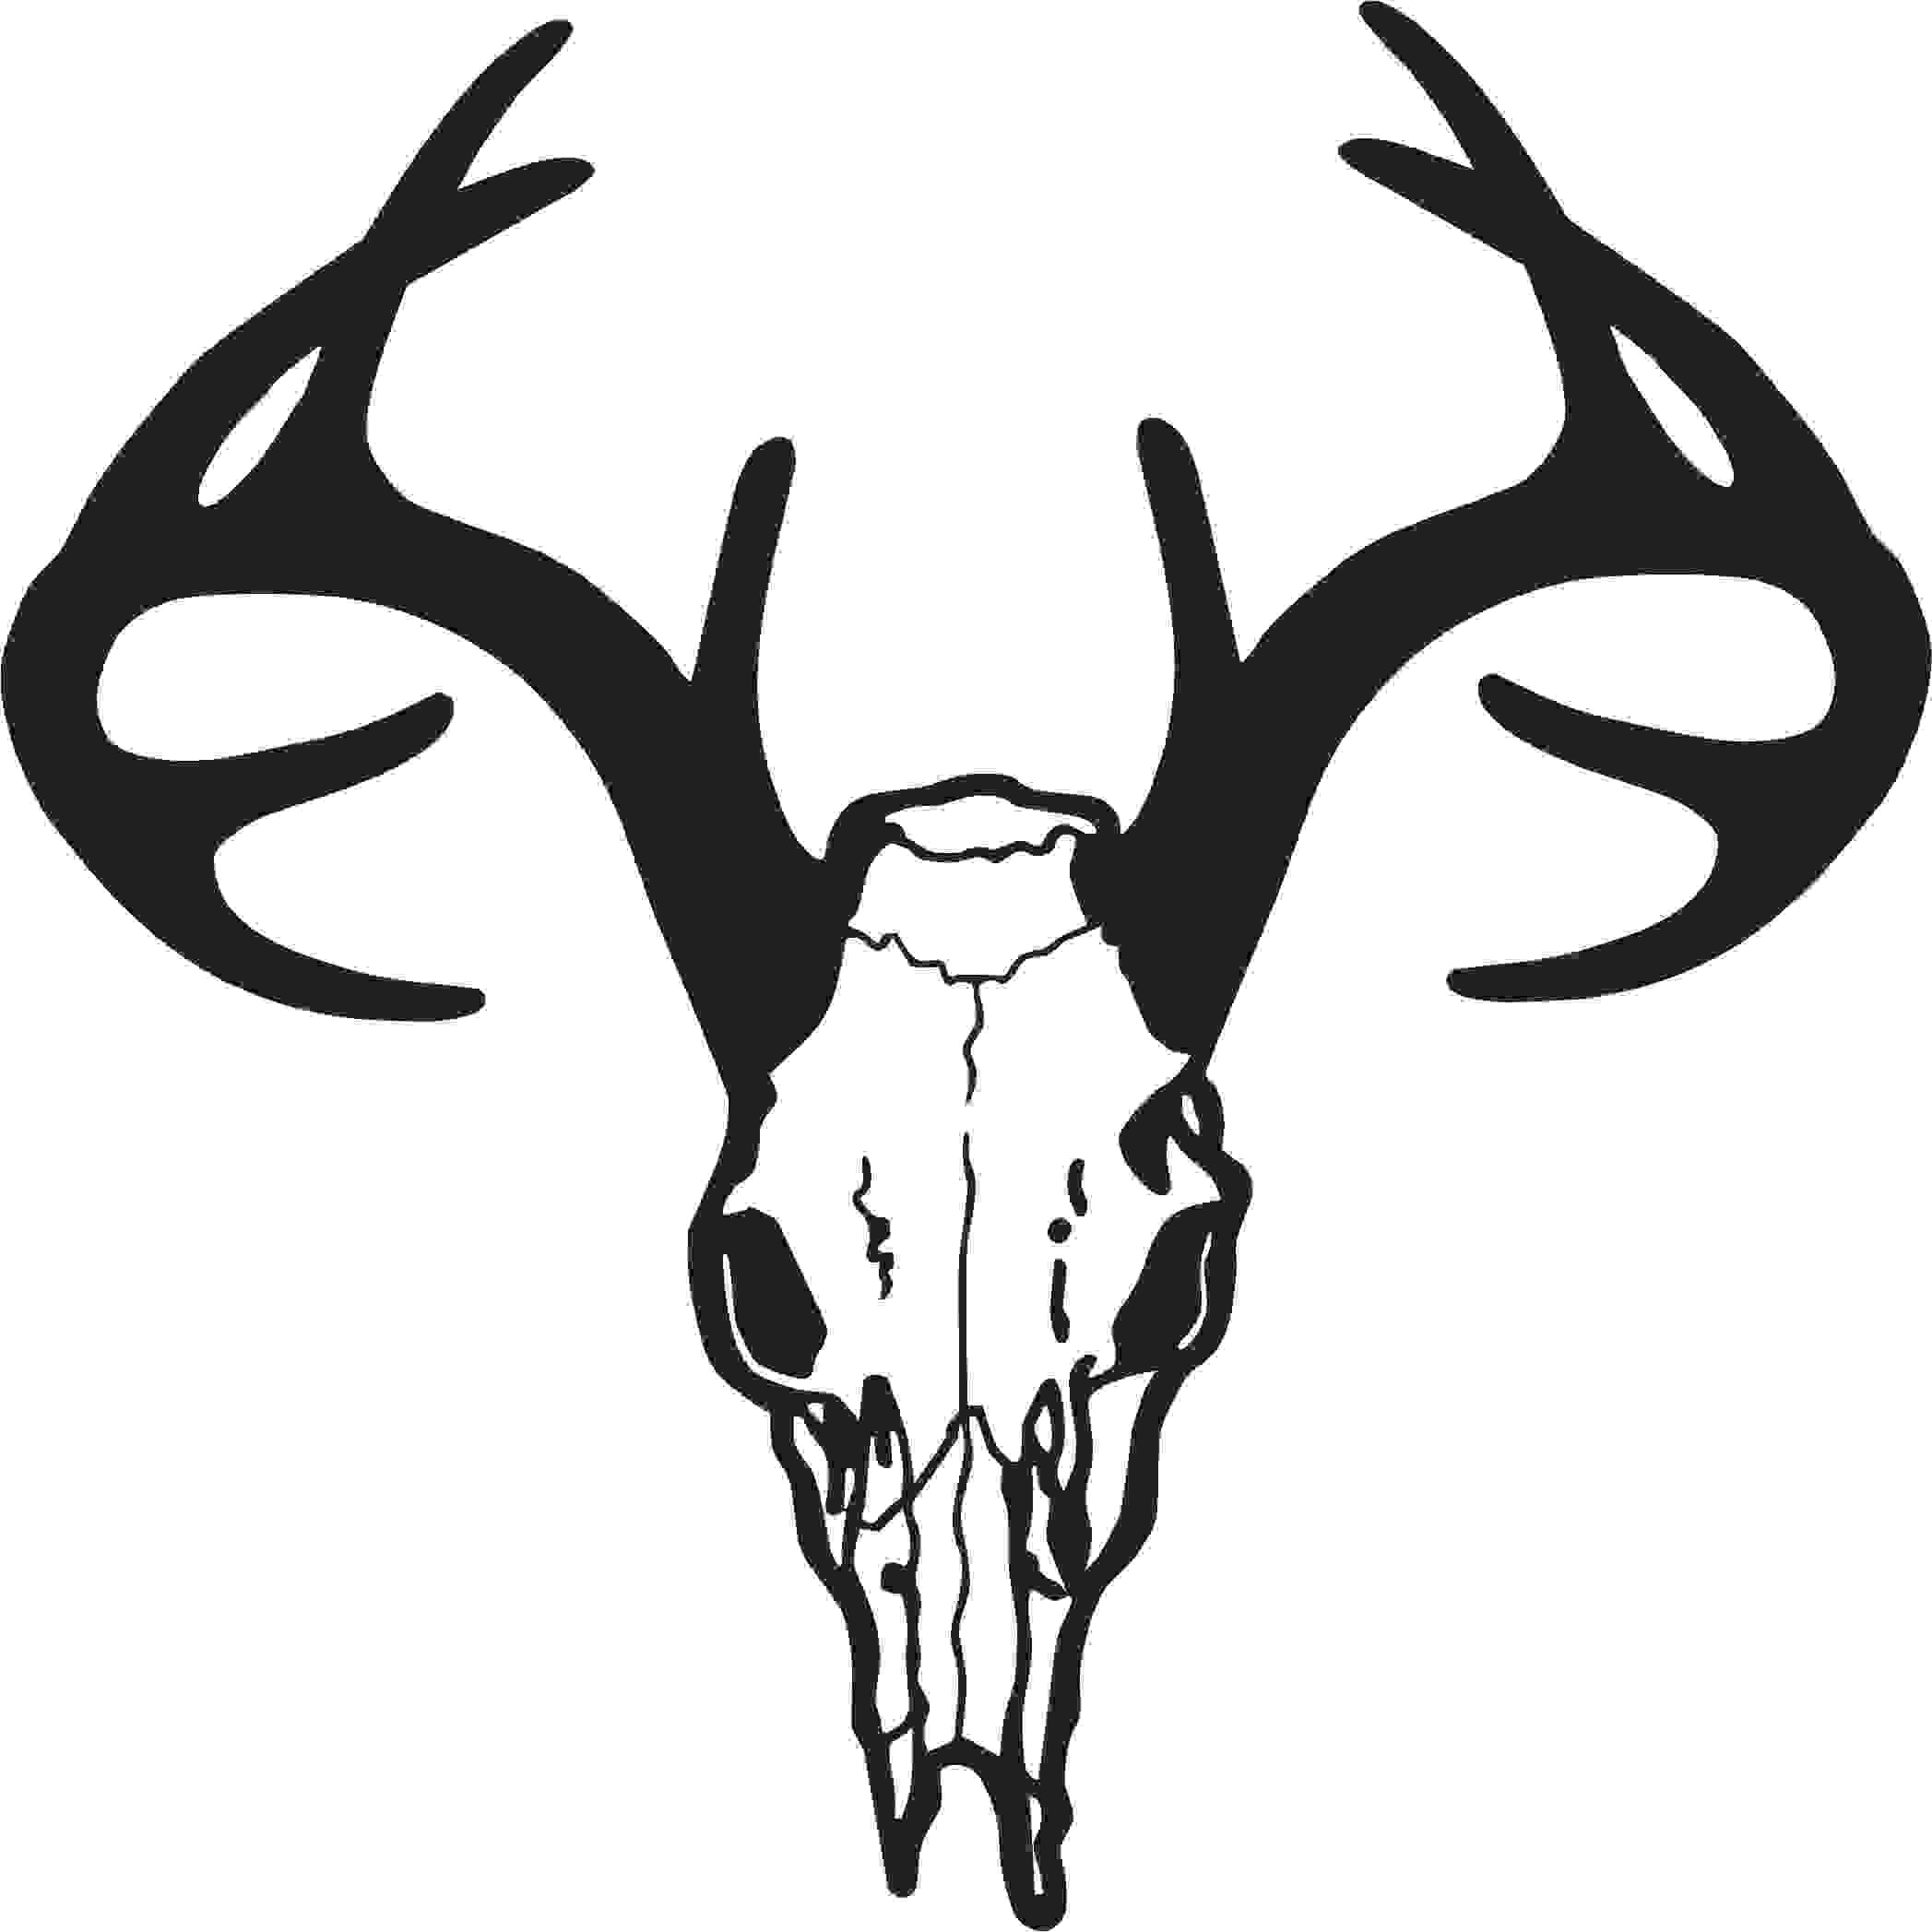 White Tail Deer Sckull Drawn: Buck Skull Outline